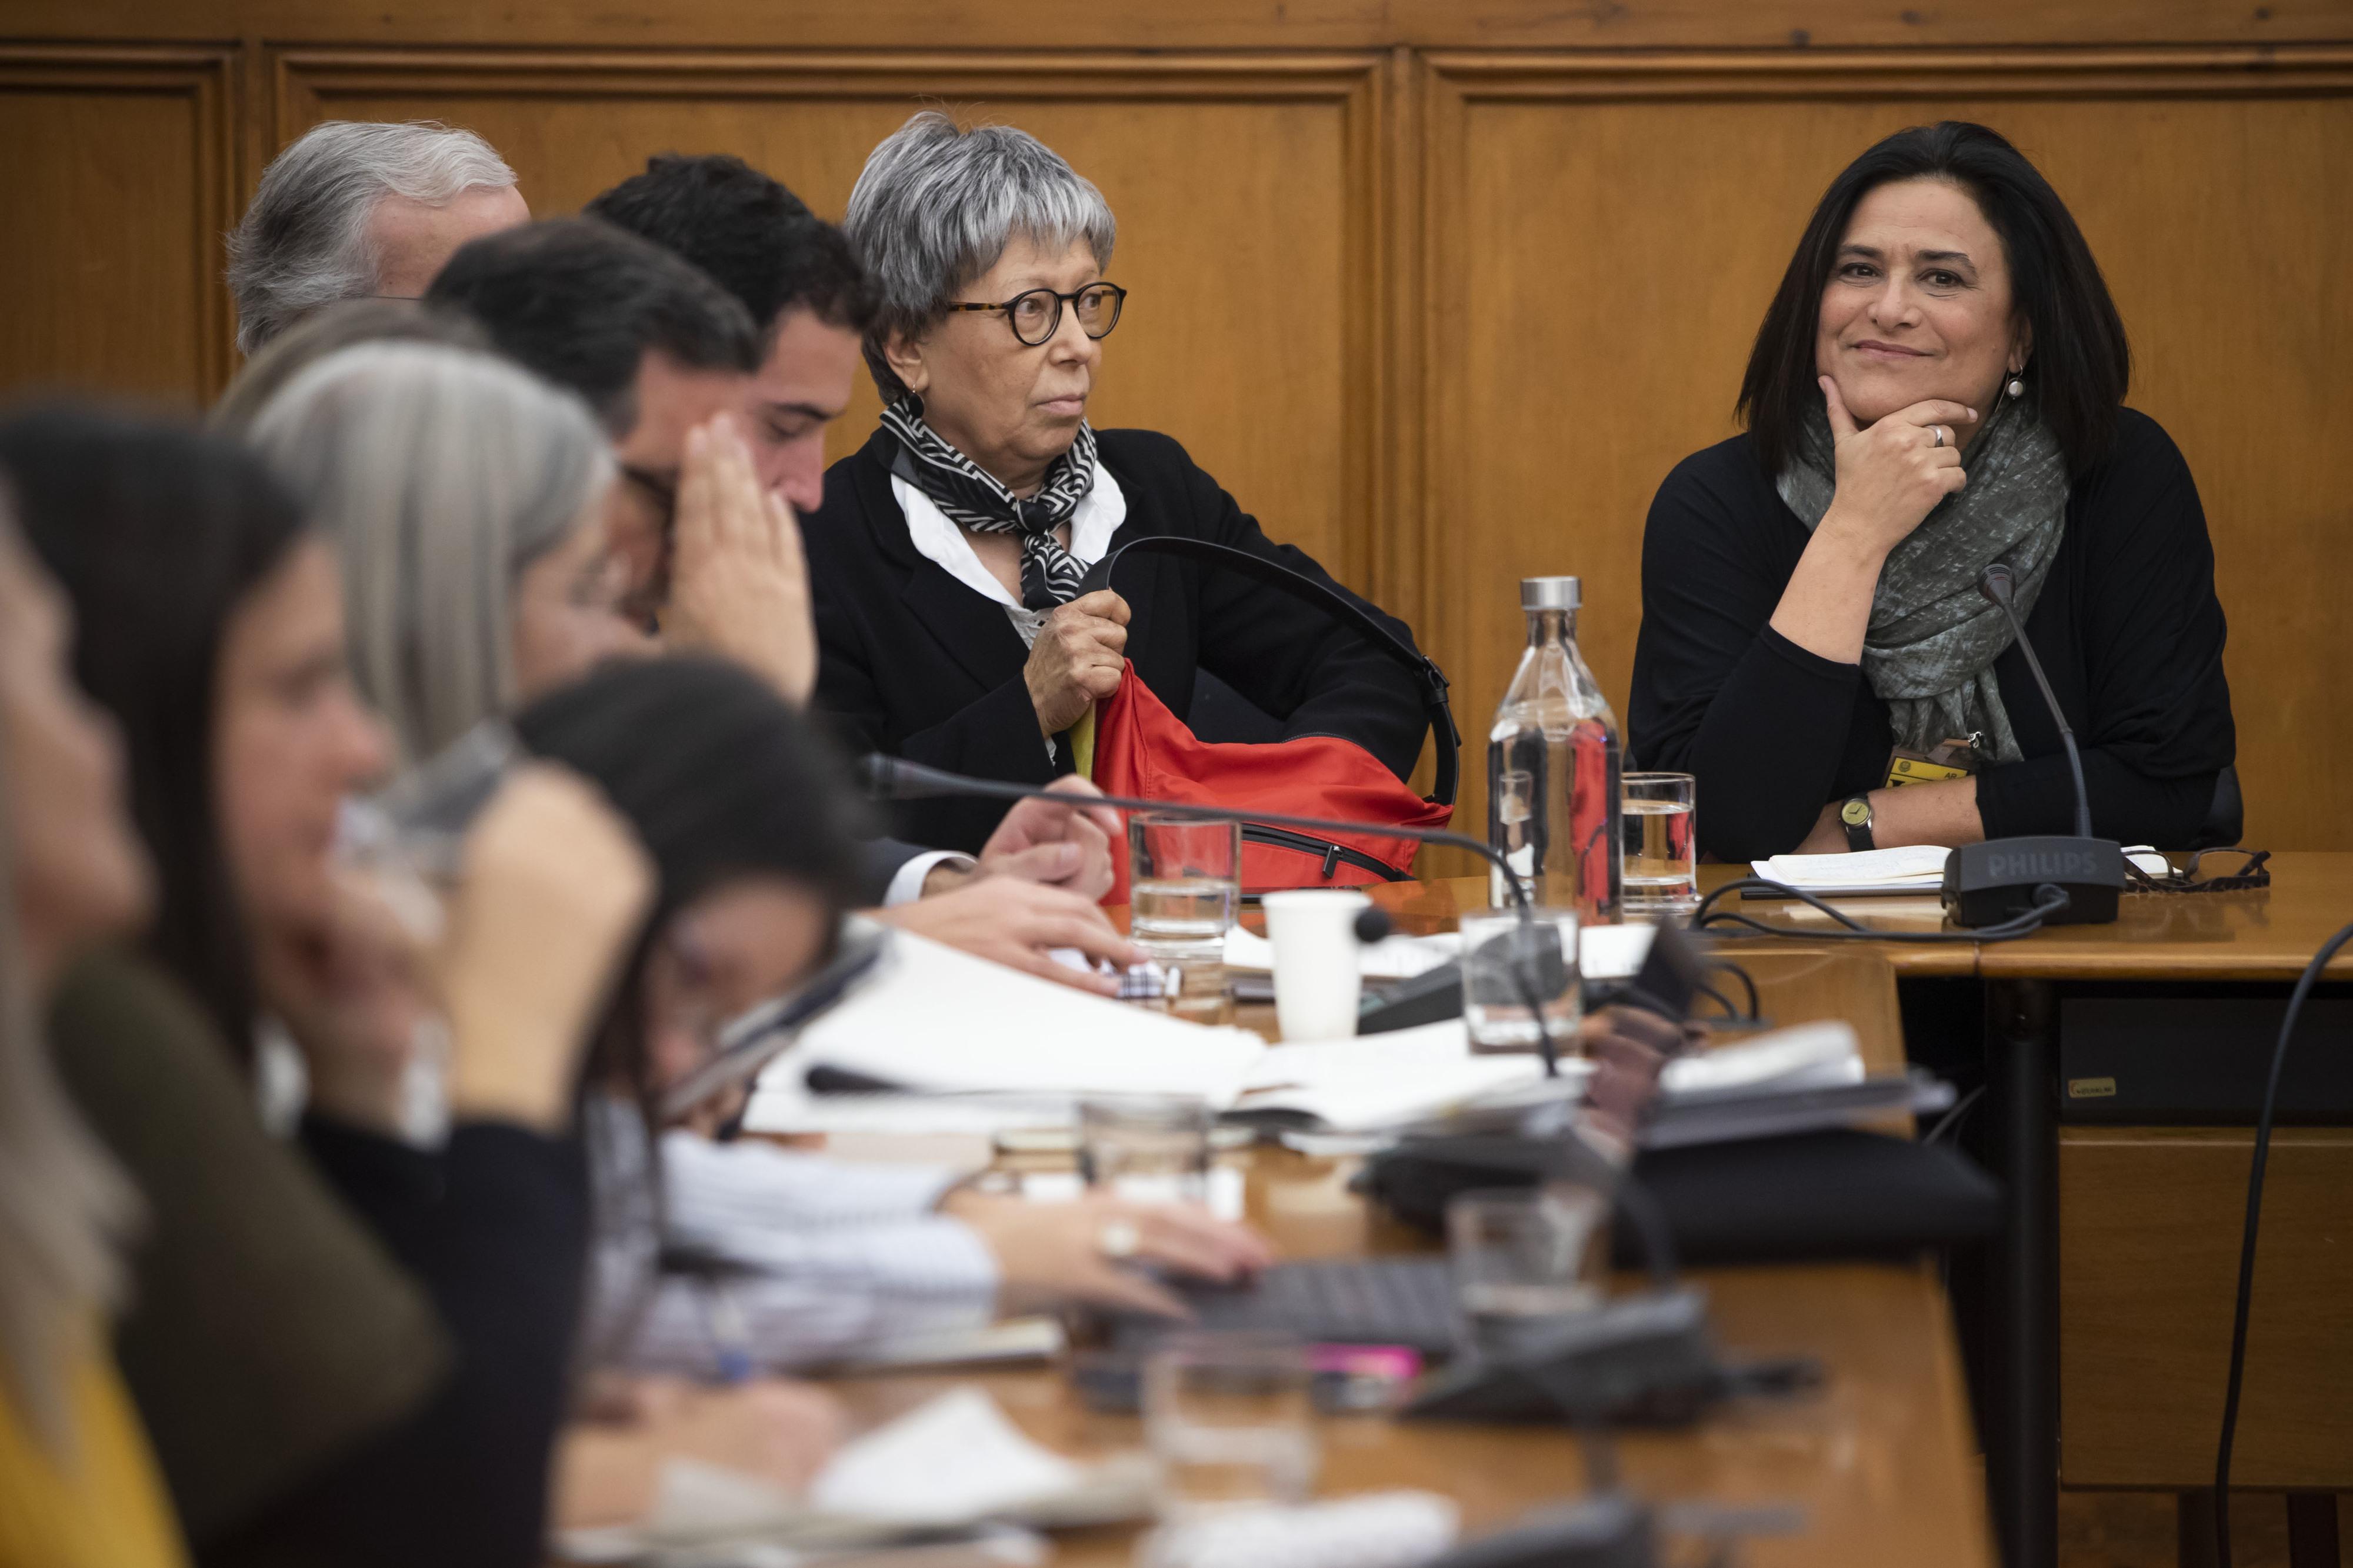 Mais de 50 jornalistas subscrevem abaixo-assinado em defesa de Maria Flor Pedroso